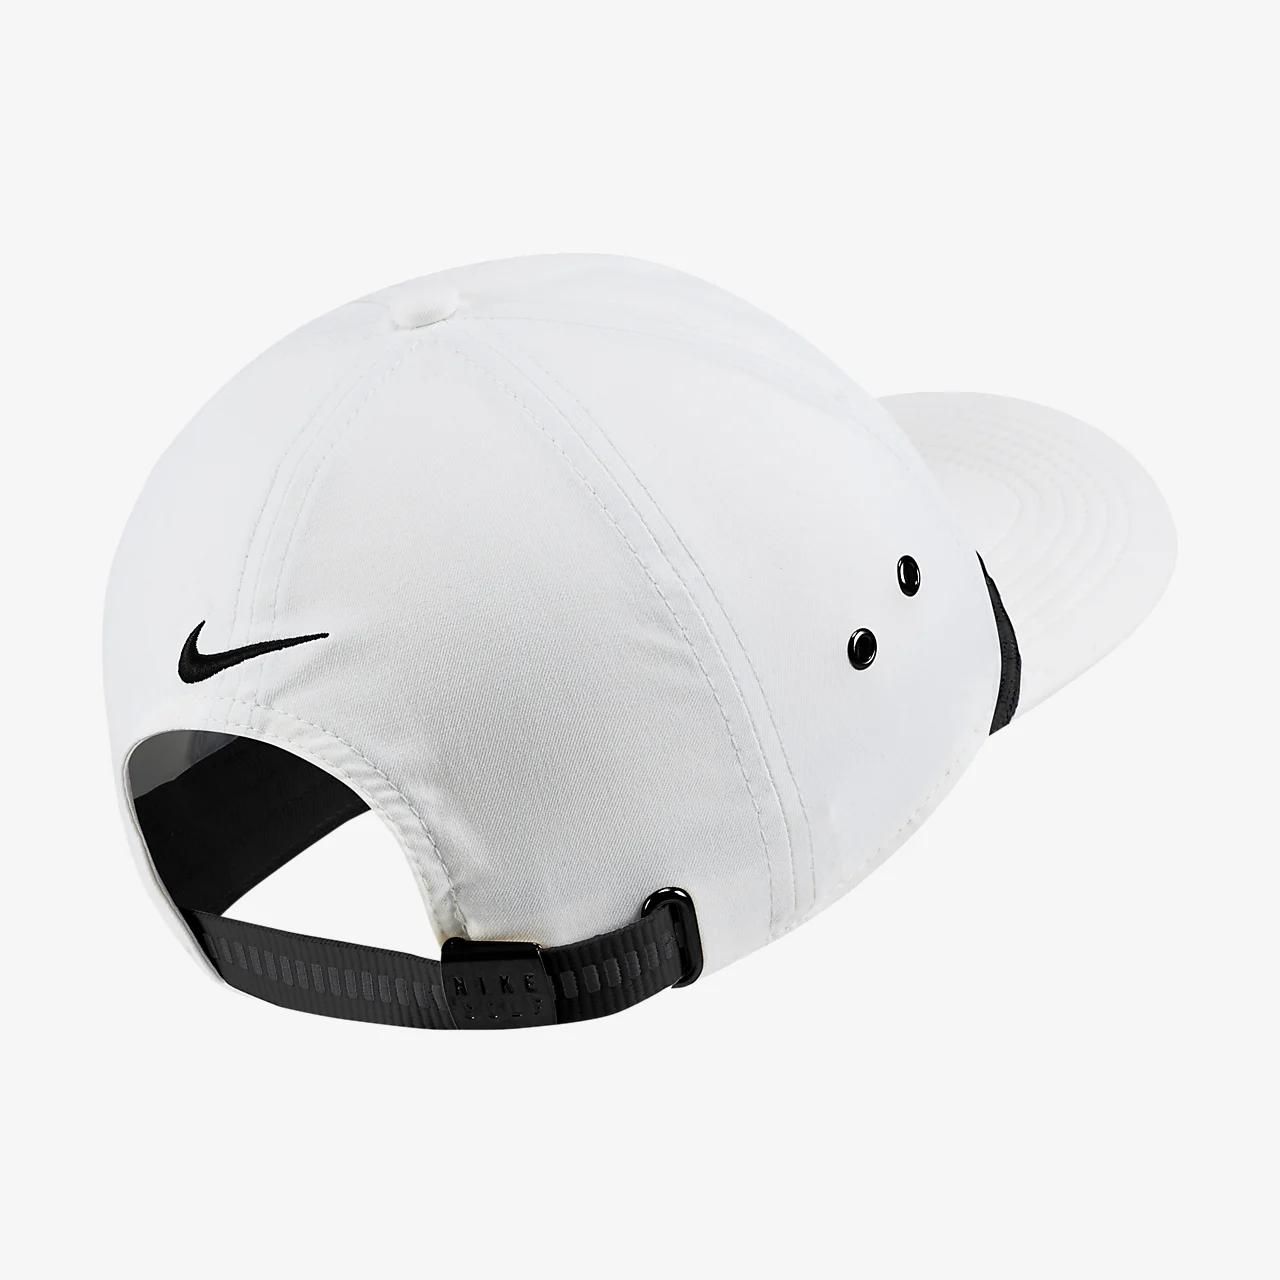 나이키 에어로빌 클래식 99 골프 모자 BV8229-100